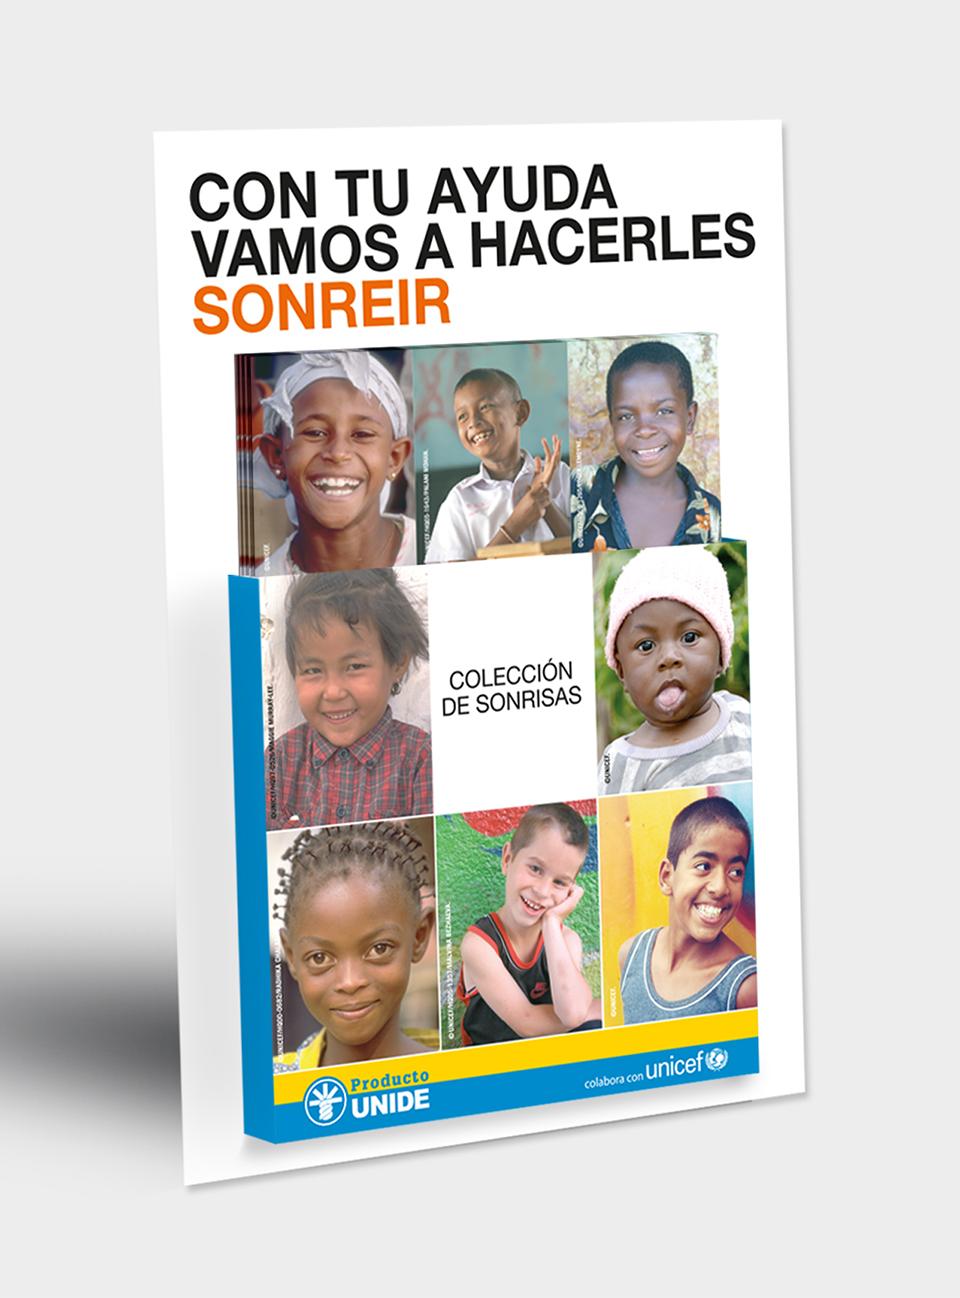 coleccion_de_sonrisas_04